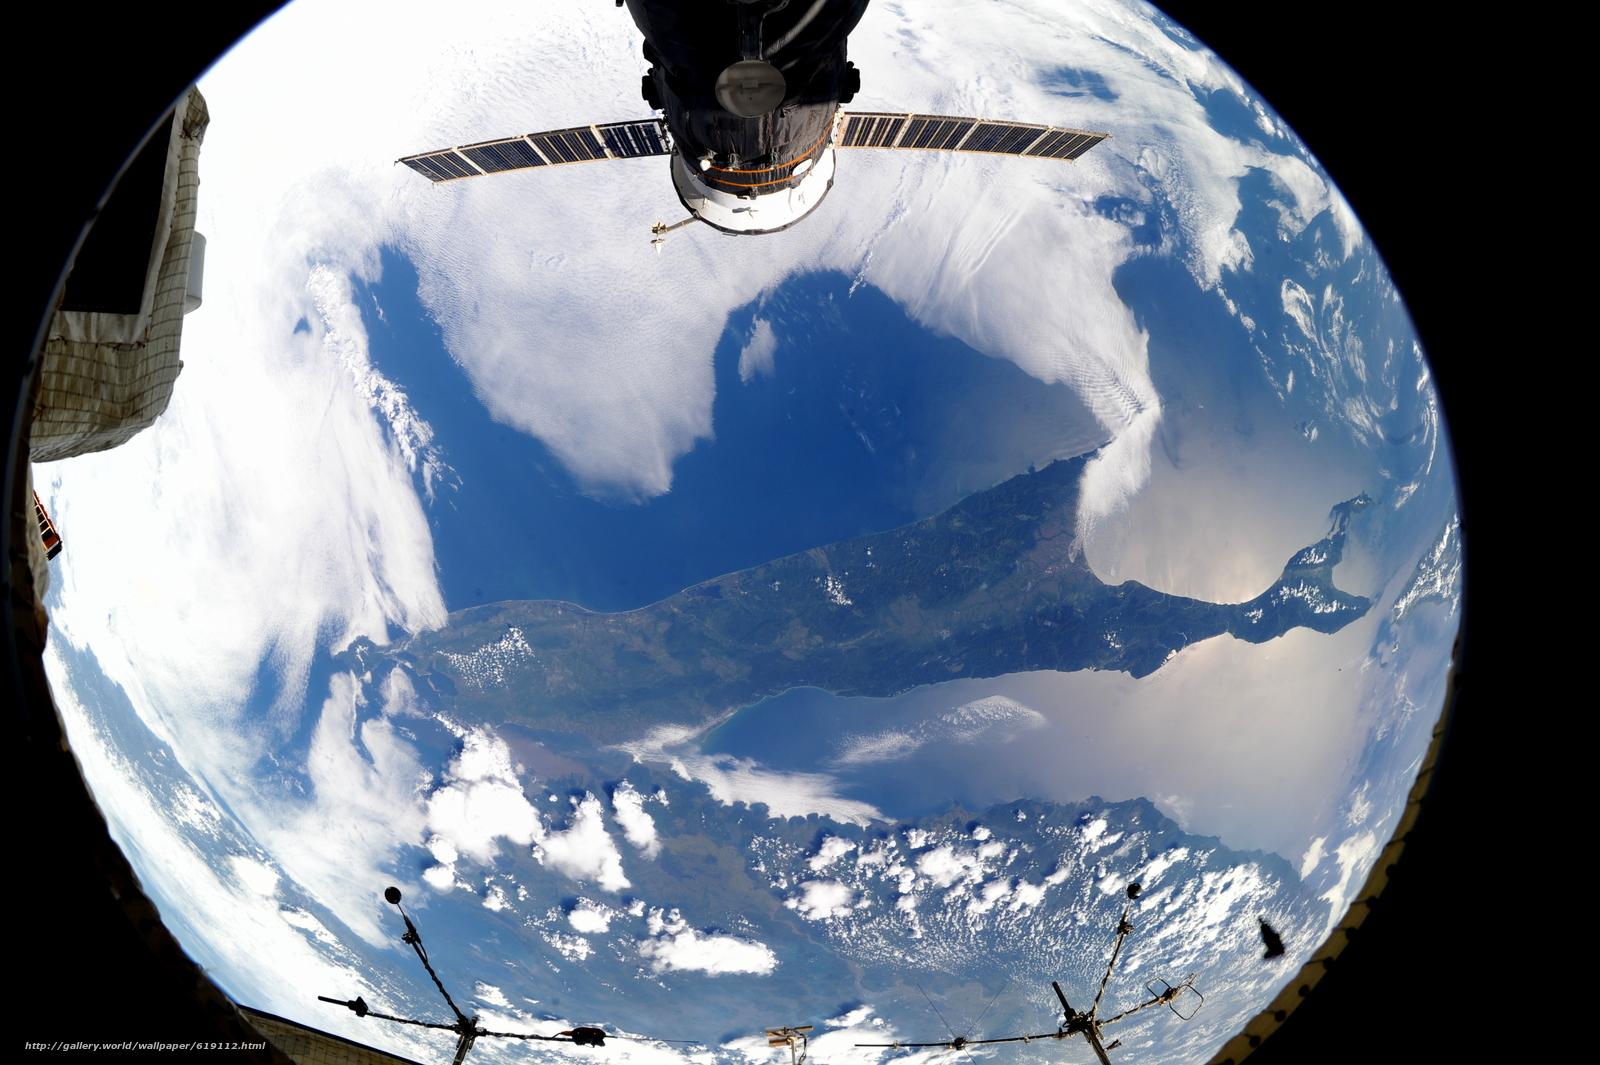 Скачать на телефон обои фото картинку на тему Земля, остров, Сахалин, Россия, МКС, космос, разширение 4256x2832